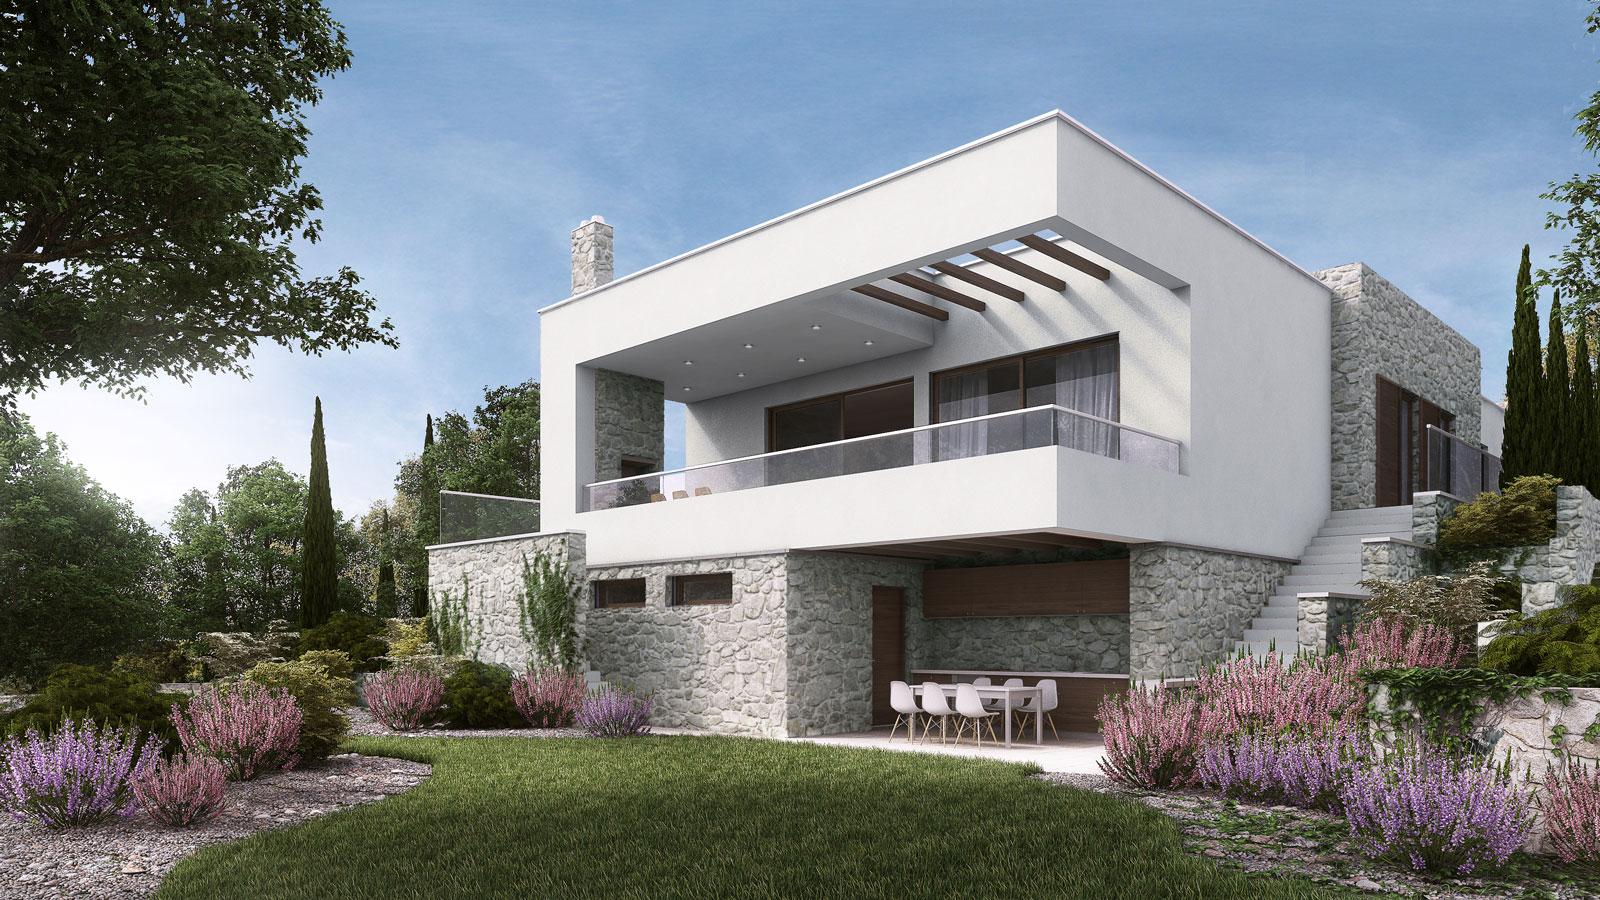 vizualizacija hiše Rijeka Crikvenica Krk projektiranje